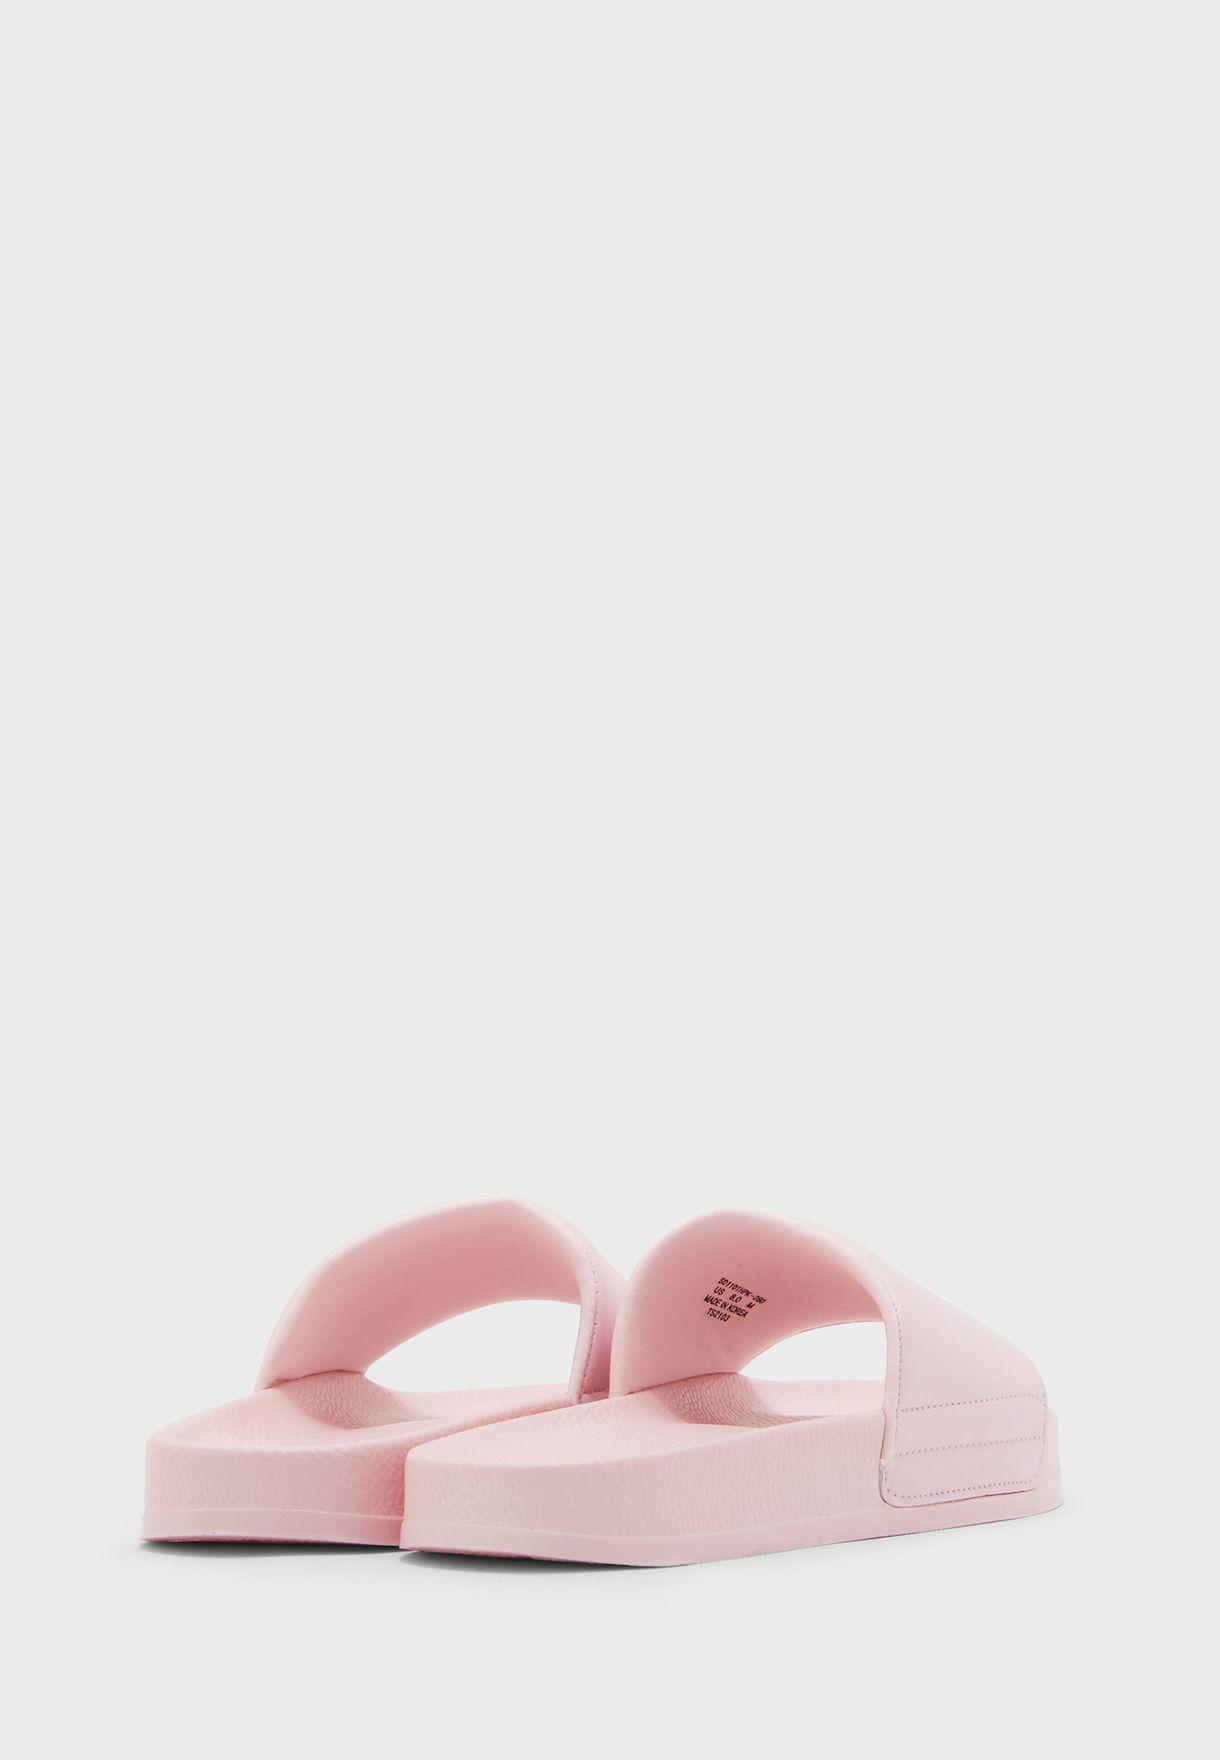 1101 Slides